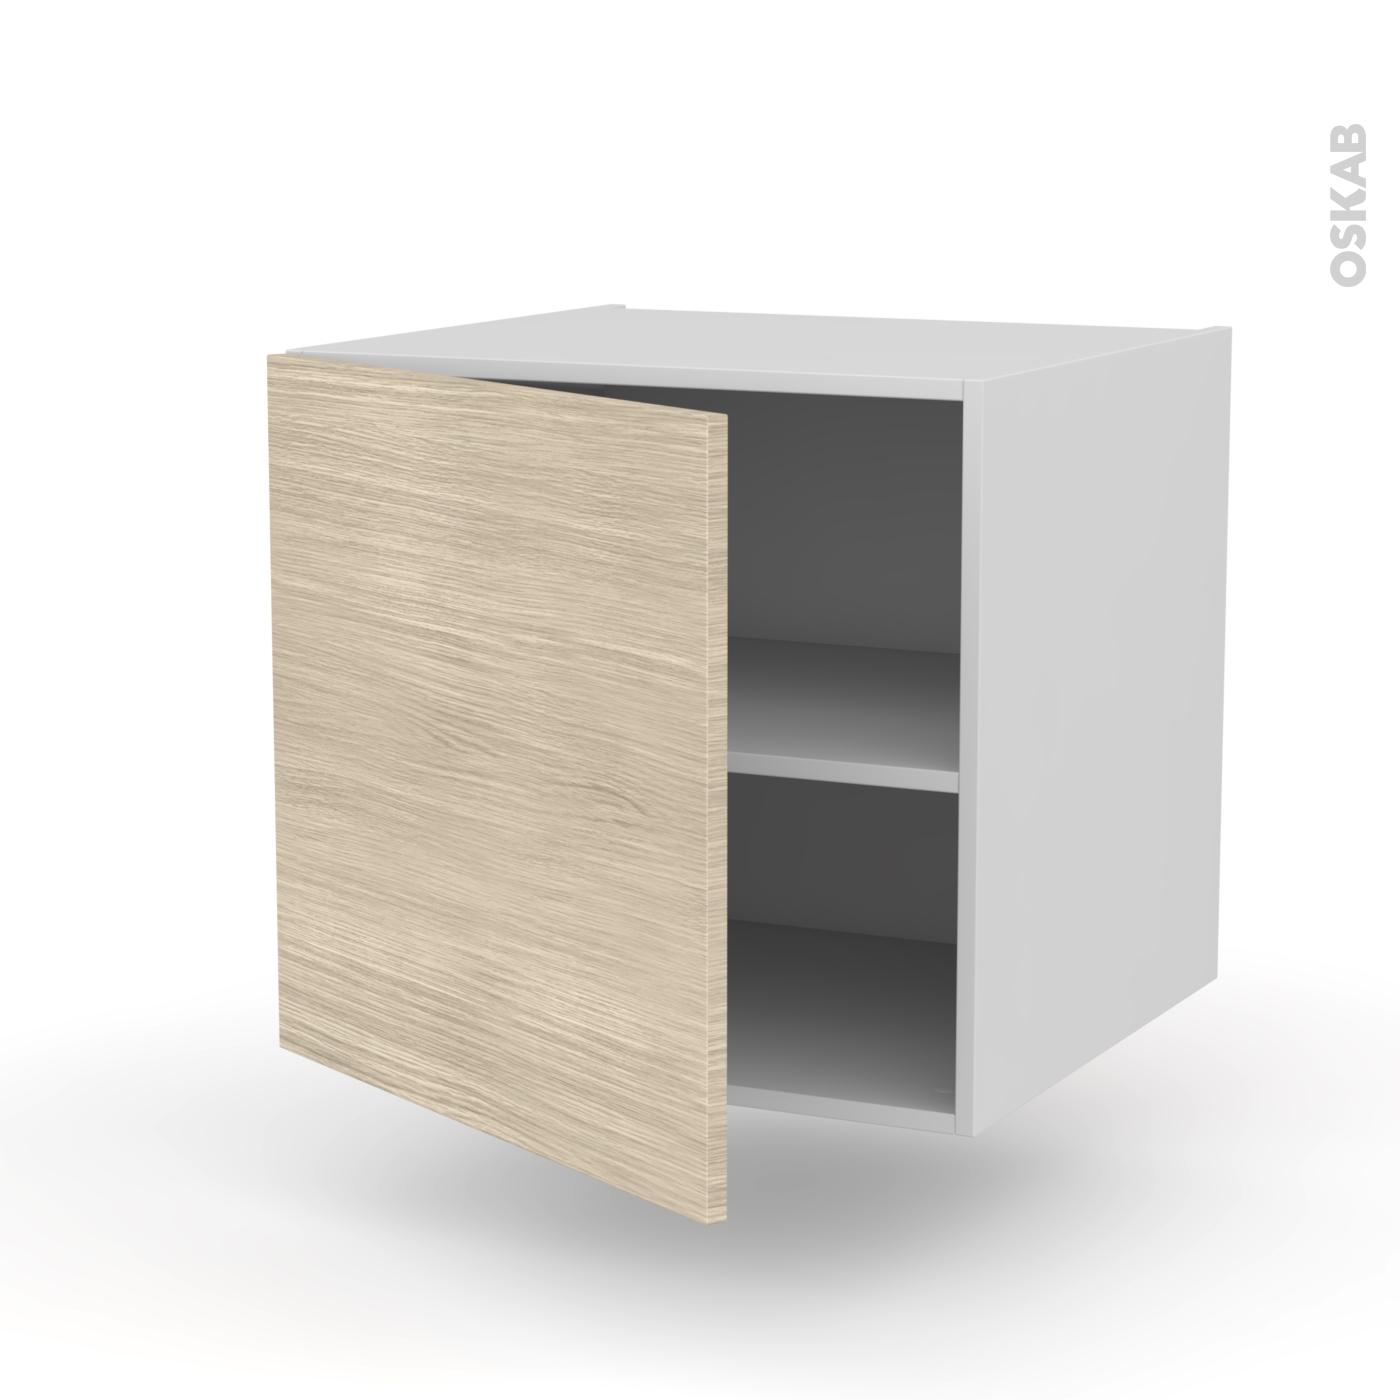 meuble de cuisine bas suspendu stilo noyer blanchi 1 porte l60 x h57 x p58 cm